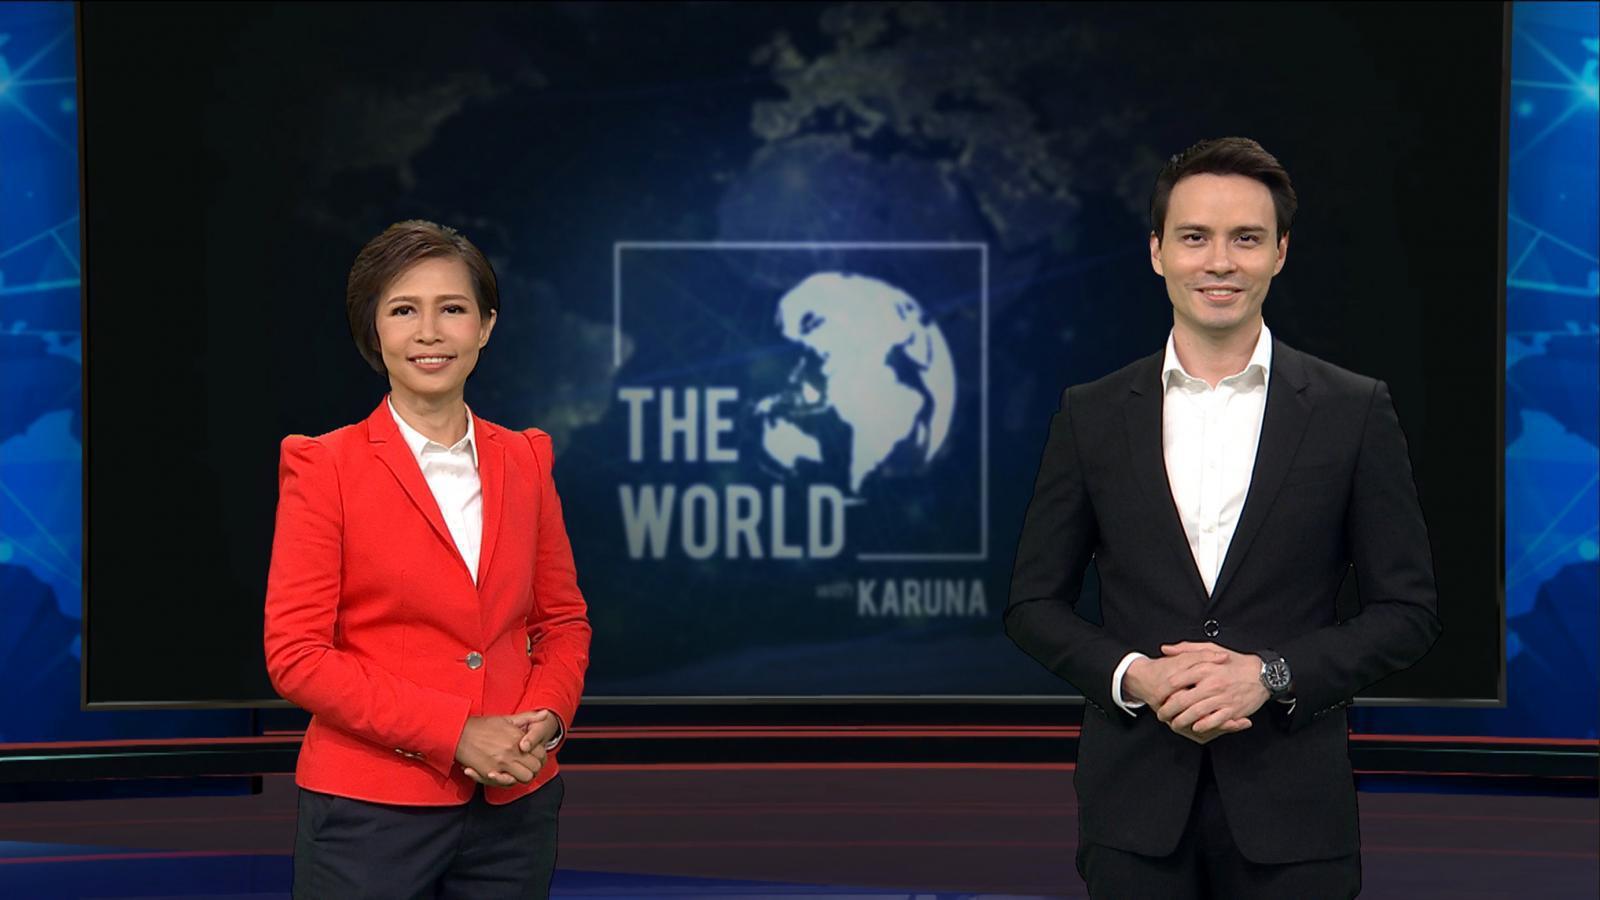 """""""กรุณา บัวคำศรี"""" จับคู่ """"แดนนี่"""" พลิกโฉมรายการข่าวรูปแบบใหม่ """"The World with KARUNA"""" เสริฟ์ข่าวต่างประเทศ เทียบชั้นอินเตอร์"""